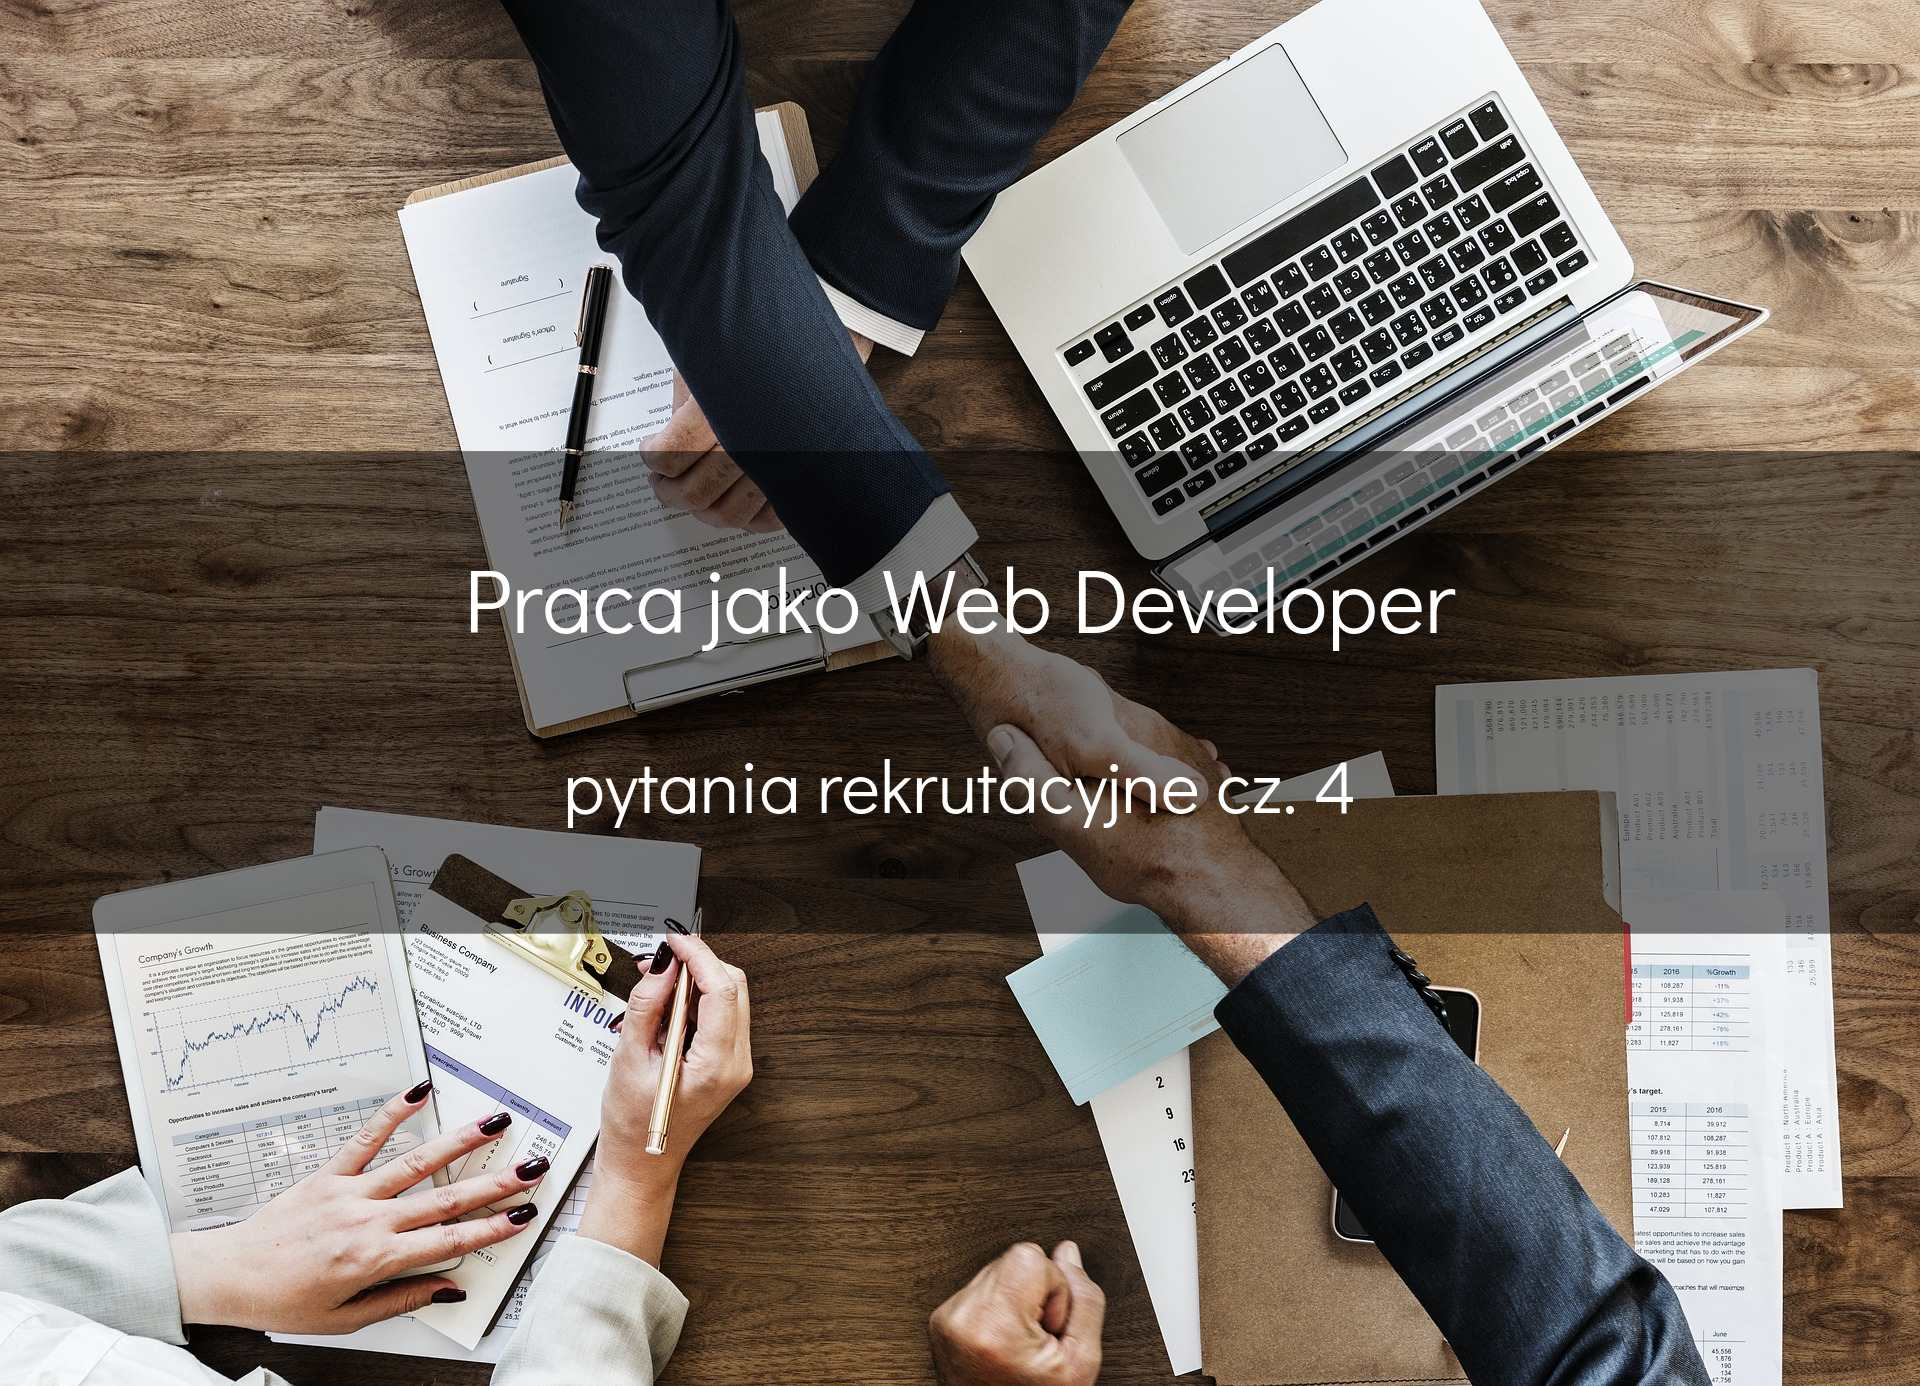 Web developer – pytania rekrutacyjne cz.4